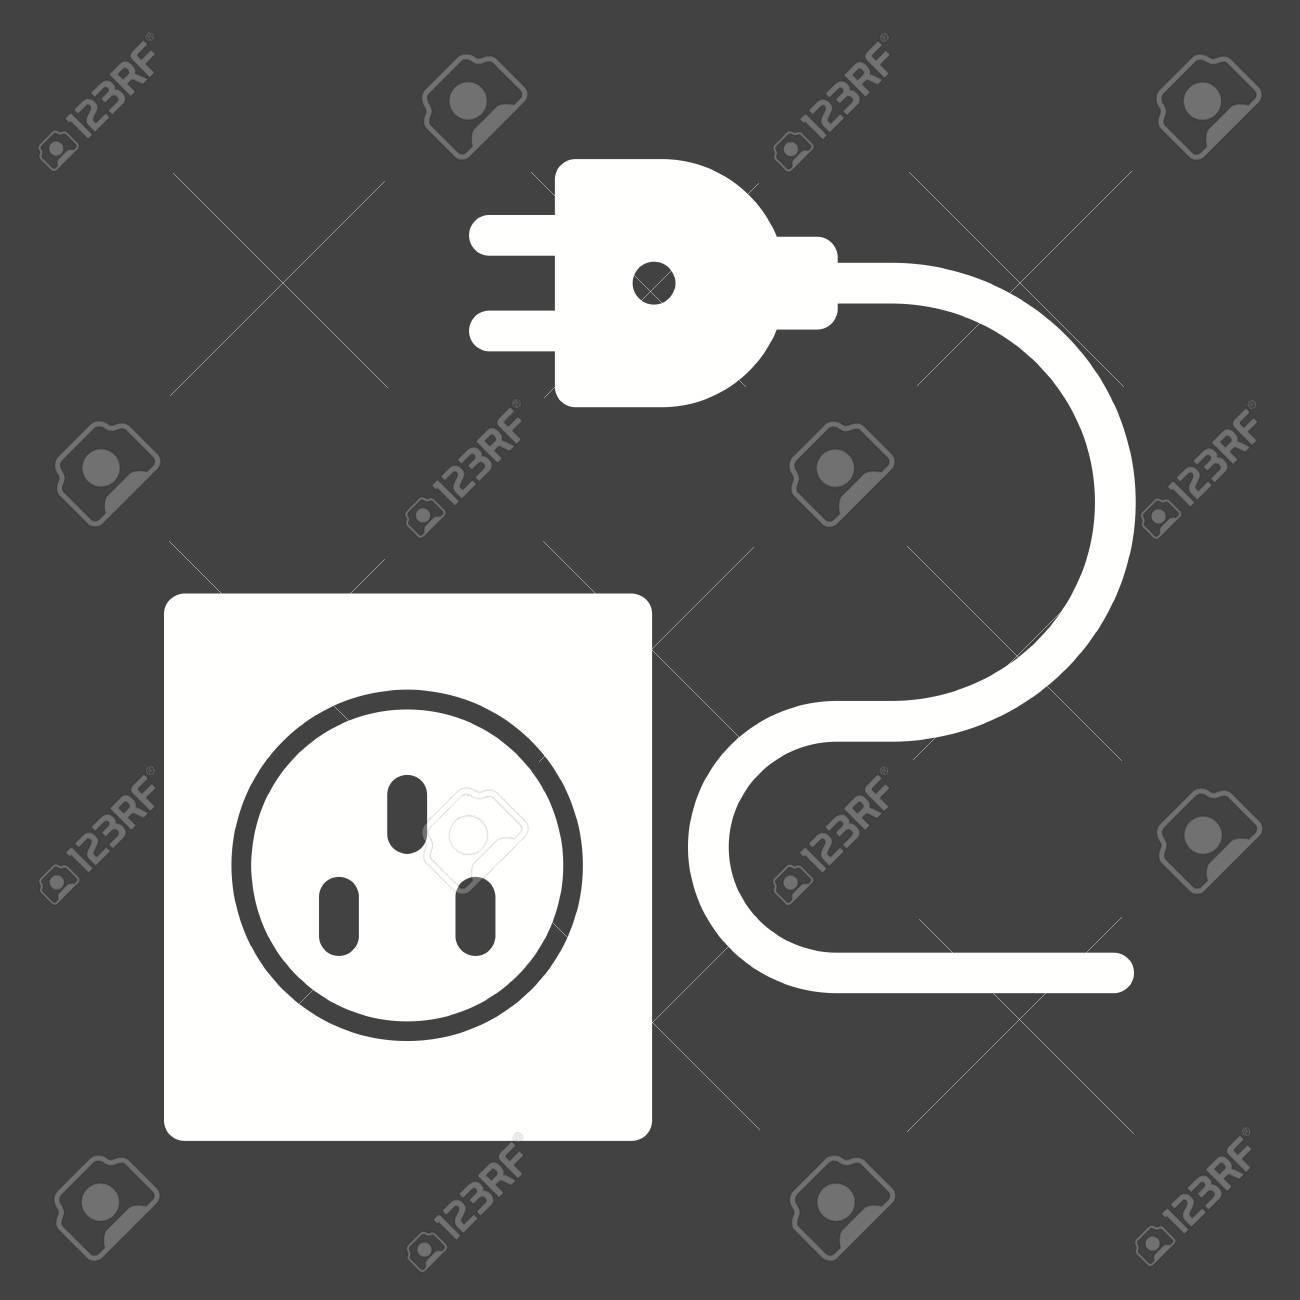 Stecker, Draht, Elektrische Symbol Vektor Image.Can Auch Für ...